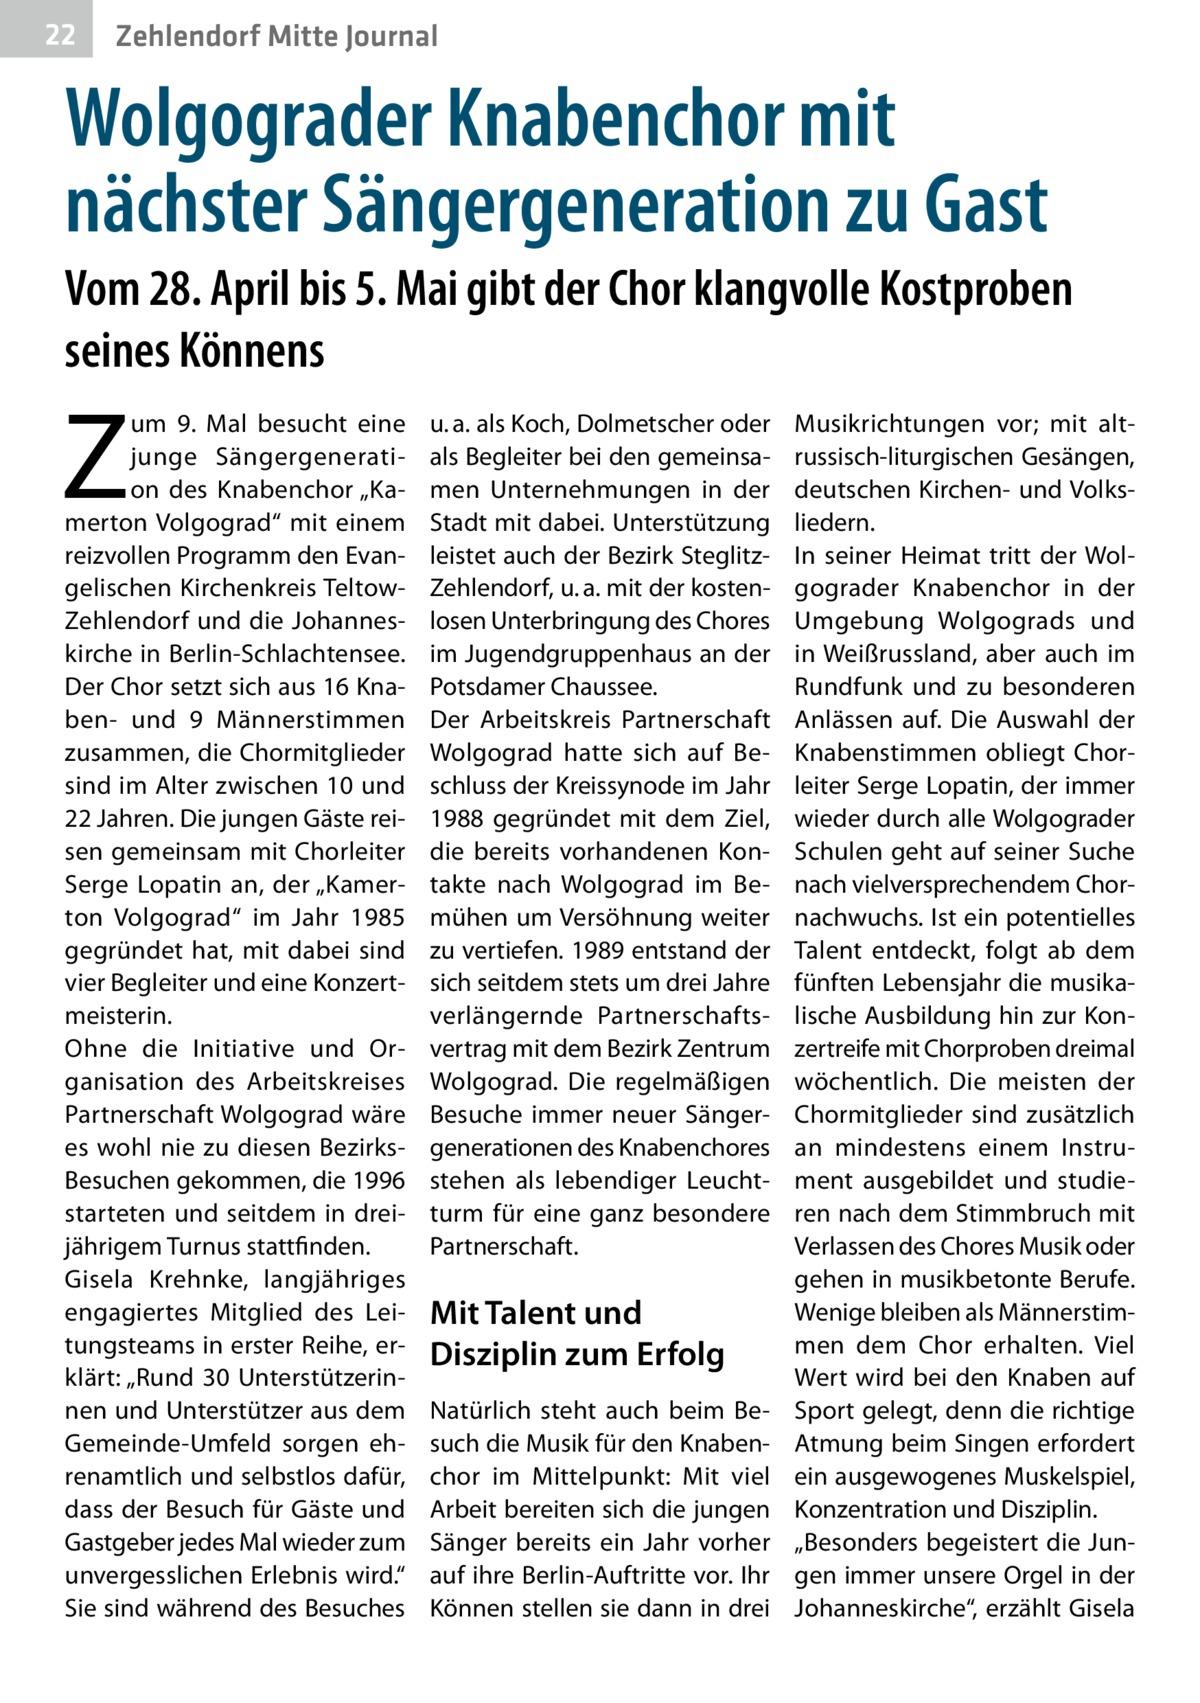 """22  Zehlendorf Mitte Journal  Wolgograder Knabenchor mit nächster Sängergeneration zu Gast Vom 28.April bis 5.Mai gibt der Chor klangvolle Kostproben seines Könnens  Z  um 9. Mal besucht eine junge Sängergeneration des Knabenchor """"Kamerton Volgograd"""" mit einem reizvollen Programm den Evangelischen Kirchenkreis TeltowZehlendorf und die Johanneskirche in Berlin-Schlachtensee. Der Chor setzt sich aus 16 Knaben- und 9 Männerstimmen zusammen, die Chormitglieder sind im Alter zwischen 10 und 22Jahren. Die jungen Gäste reisen gemeinsam mit Chorleiter Serge Lopatin an, der """"Kamerton Volgograd"""" im Jahr 1985 gegründet hat, mit dabei sind vier Begleiter und eine Konzertmeisterin. Ohne die Initiative und Organisation des Arbeitskreises Partnerschaft Wolgograd wäre es wohl nie zu diesen BezirksBesuchen gekommen, die 1996 starteten und seitdem in dreijährigem Turnus stattfinden. Gisela Krehnke, langjähriges engagiertes Mitglied des Leitungsteams in erster Reihe, erklärt: """"Rund 30 Unterstützerinnen und Unterstützer aus dem Gemeinde-Umfeld sorgen ehrenamtlich und selbstlos dafür, dass der Besuch für Gäste und Gastgeber jedes Mal wieder zum unvergesslichen Erlebnis wird."""" Sie sind während des Besuches  u.a. als Koch, Dolmetscher oder als Begleiter bei den gemeinsamen Unternehmungen in der Stadt mit dabei. Unterstützung leistet auch der Bezirk SteglitzZehlendorf, u.a. mit der kostenlosen Unterbringung des Chores im Jugendgruppenhaus an der Potsdamer Chaussee. Der Arbeitskreis Partnerschaft Wolgograd hatte sich auf Beschluss der Kreissynode im Jahr 1988 gegründet mit dem Ziel, die bereits vorhandenen Kontakte nach Wolgograd im Bemühen um Versöhnung weiter zu vertiefen. 1989 entstand der sich seitdem stets um drei Jahre verlängernde Partnerschaftsvertrag mit dem Bezirk Zentrum Wolgograd. Die regelmäßigen Besuche immer neuer Sängergenerationen des Knabenchores stehen als lebendiger Leuchtturm für eine ganz besondere Partnerschaft.  Mit Talent und Disziplin zum Erfolg Natürlich steht auc"""